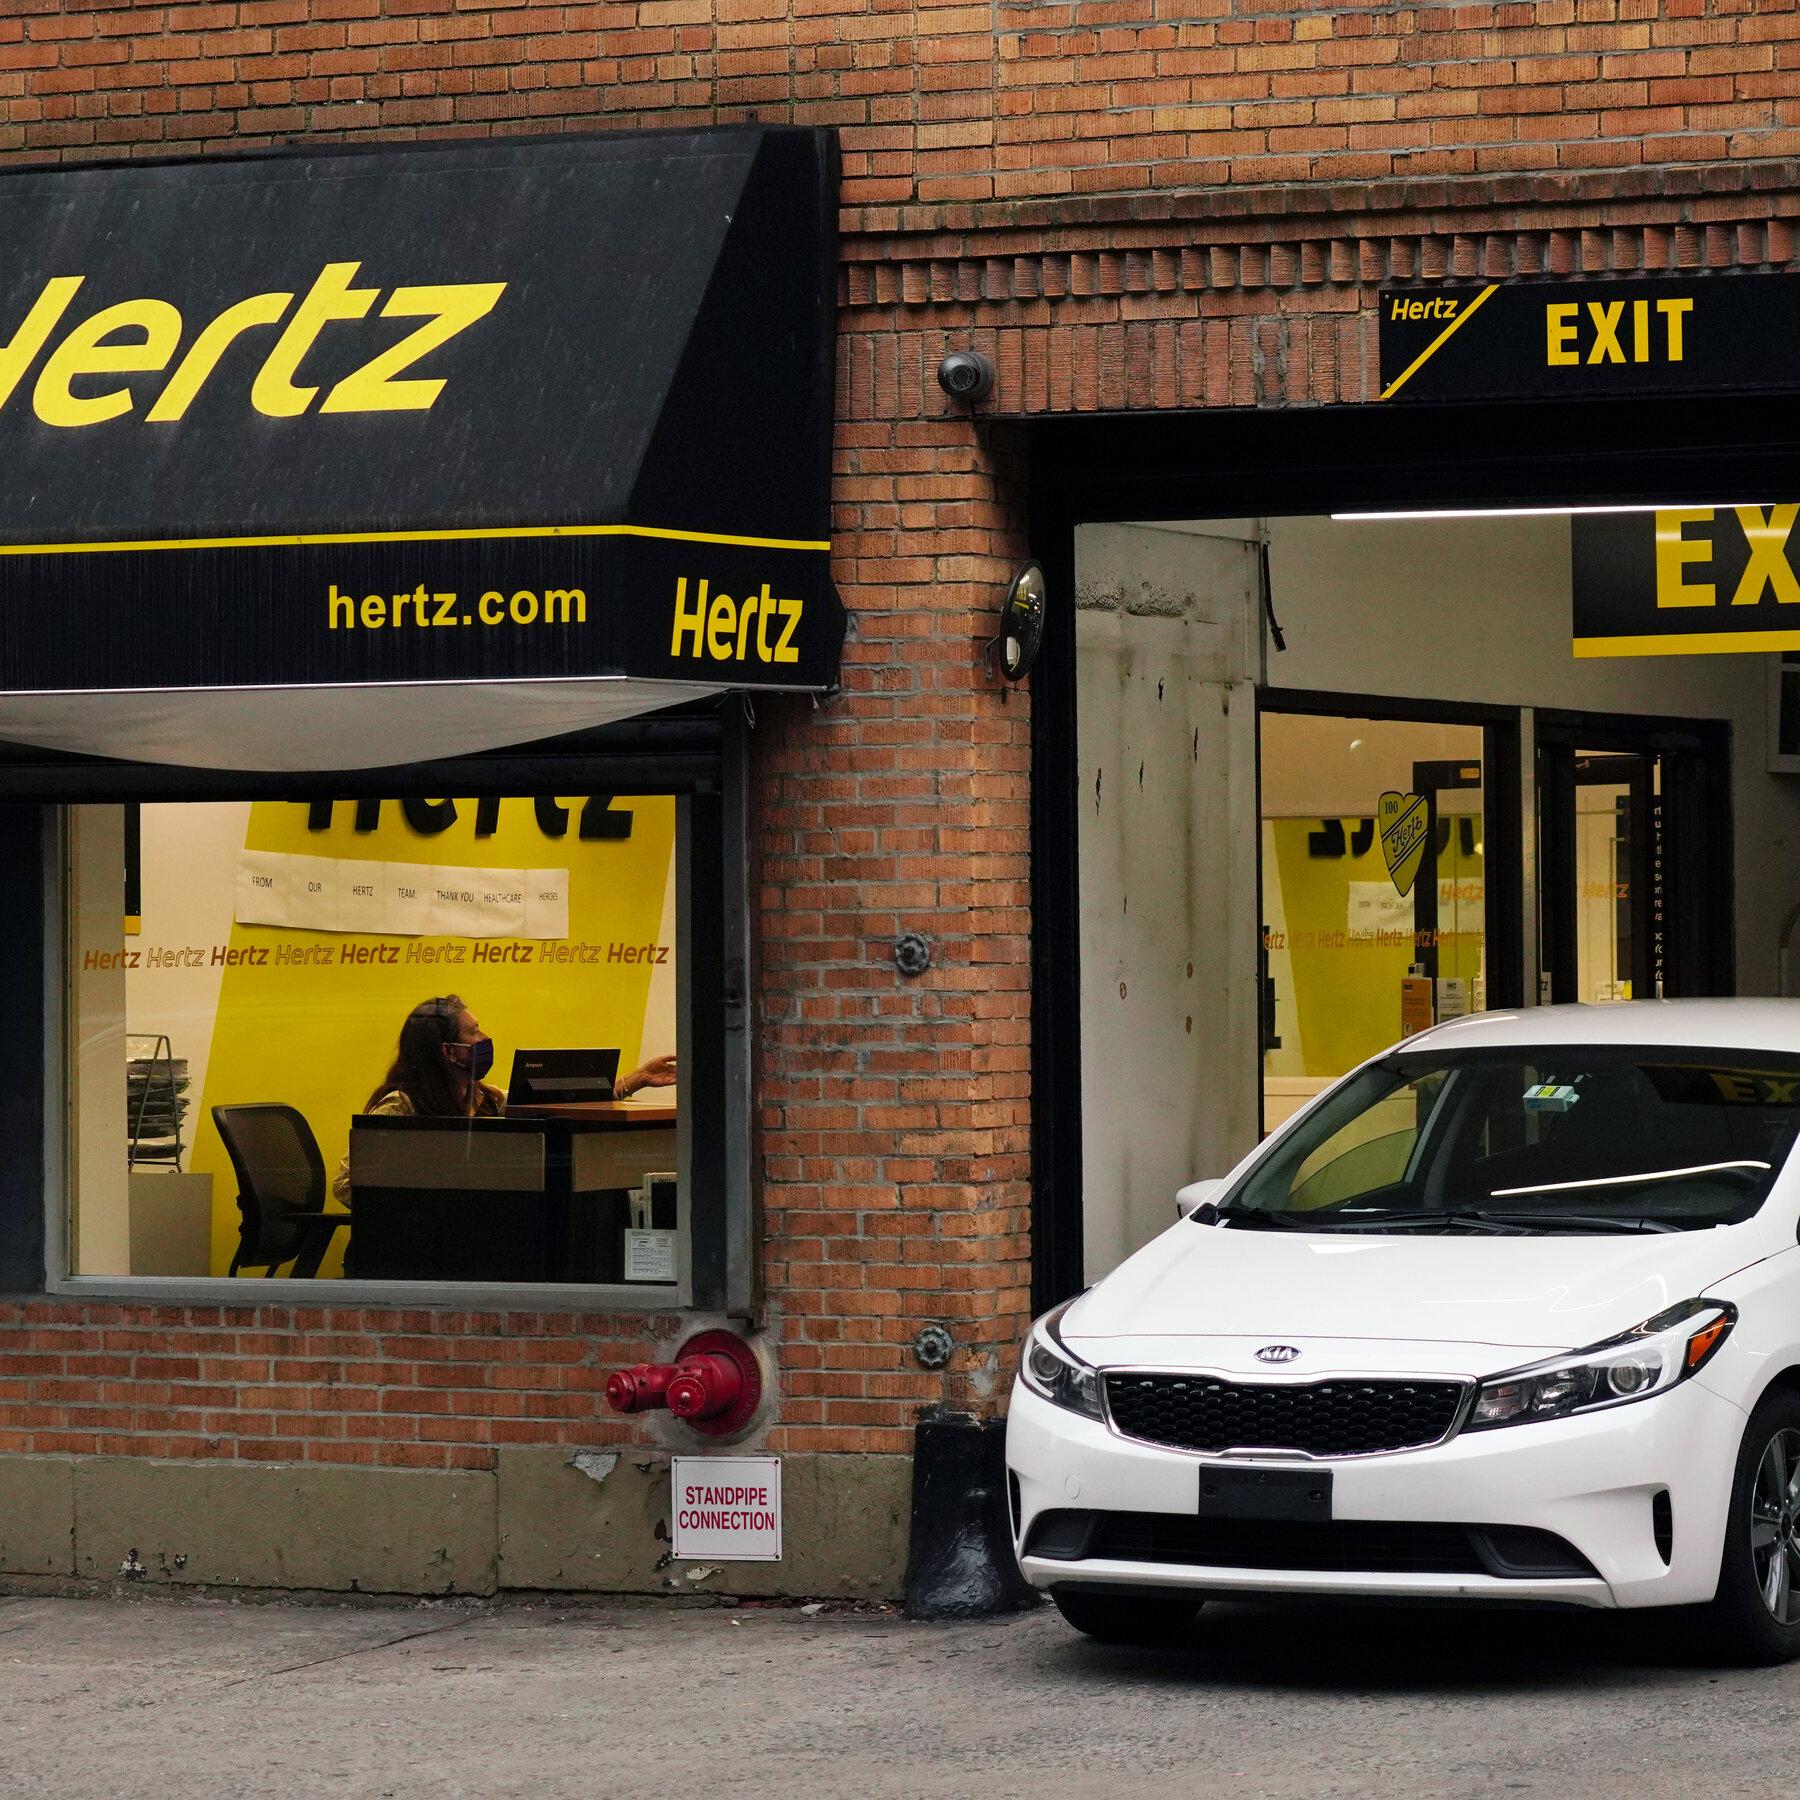 芯片短缺波及租车市场 夏季租车价格涨幅约三倍